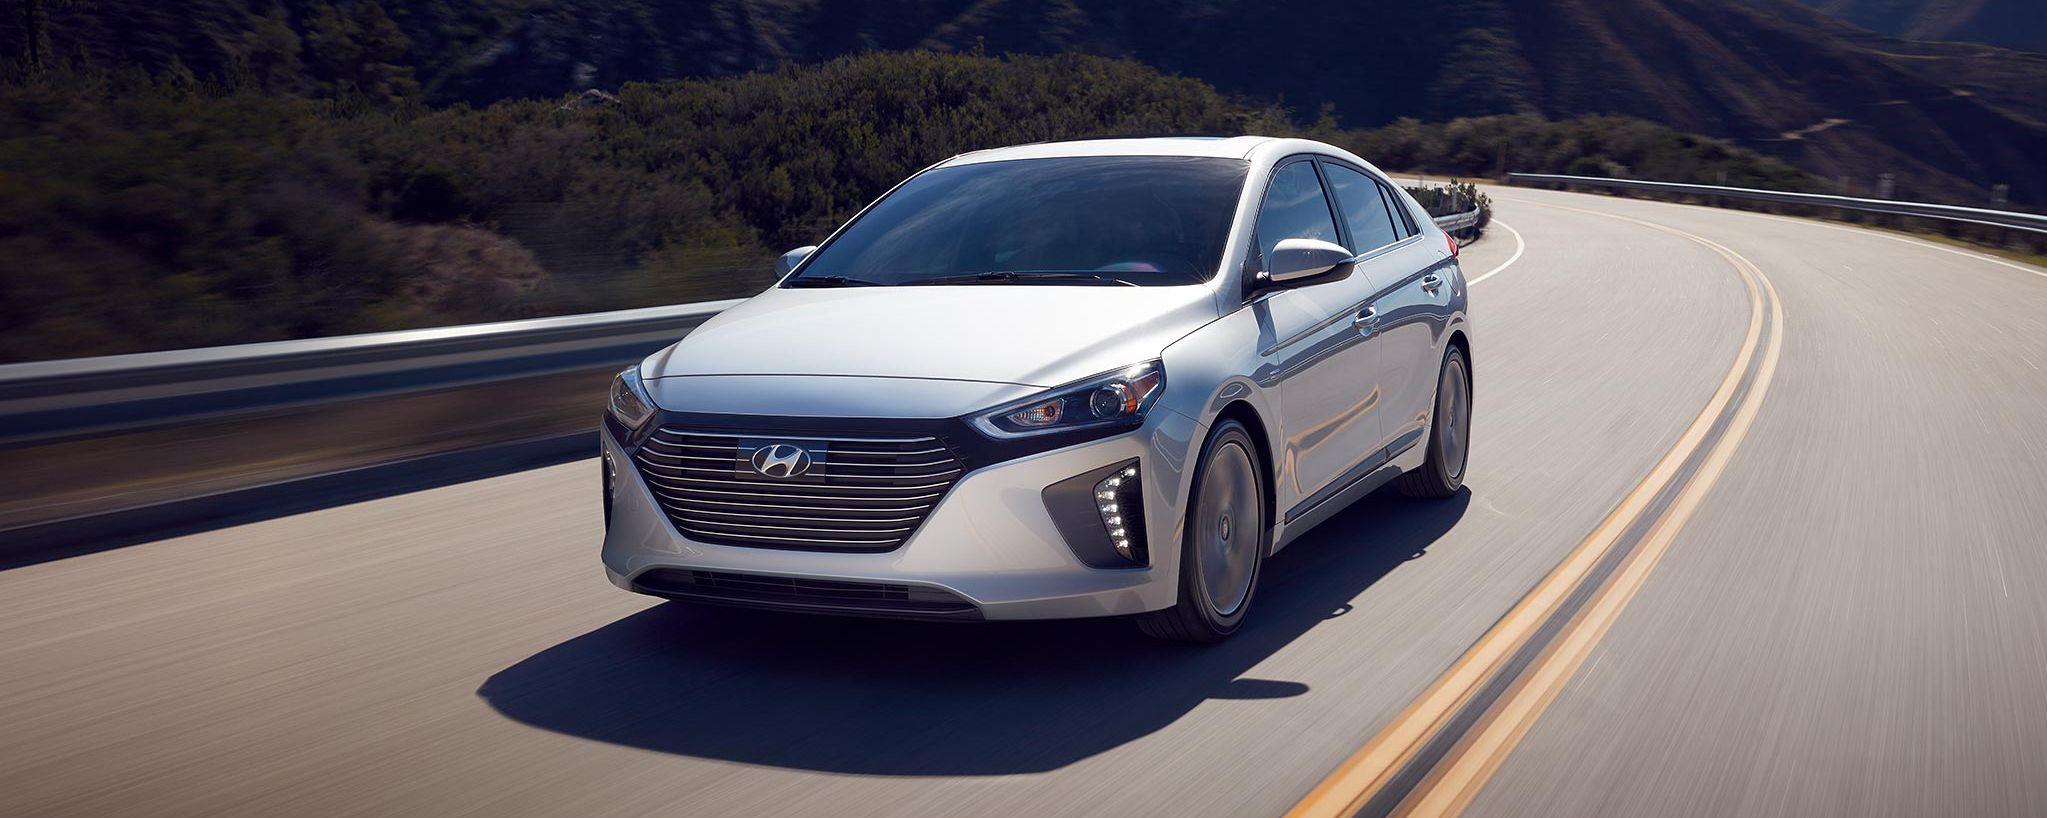 Hyundai Ioniq Hybrid 2019 a la venta cerca Manassas, VA